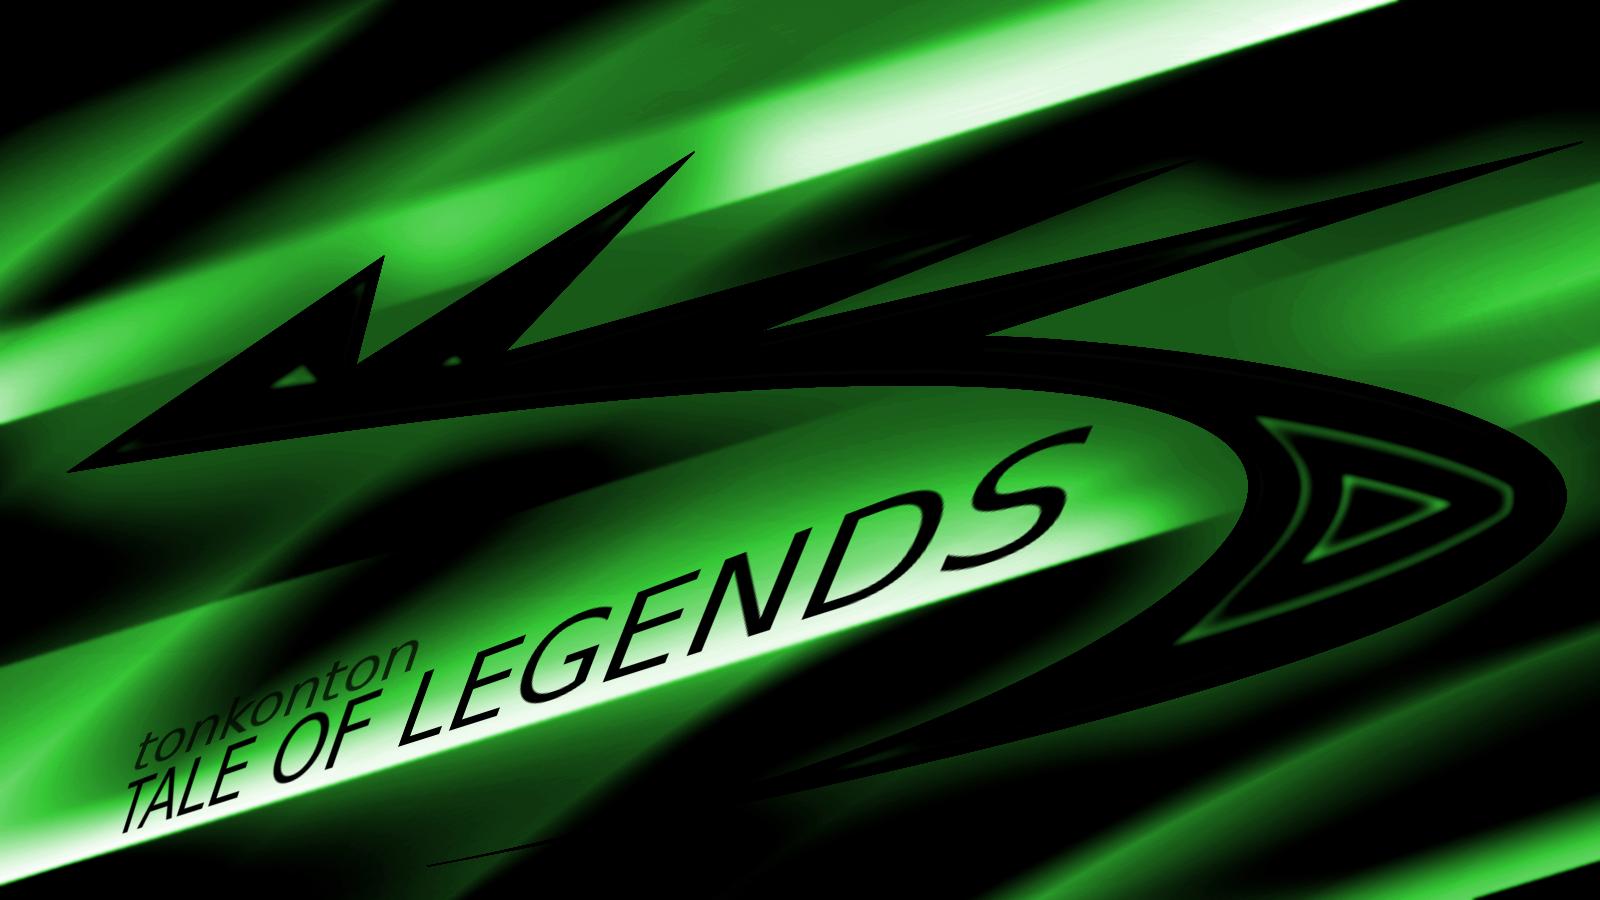 Tale of Legends Wallpaper [song] by tonkonton